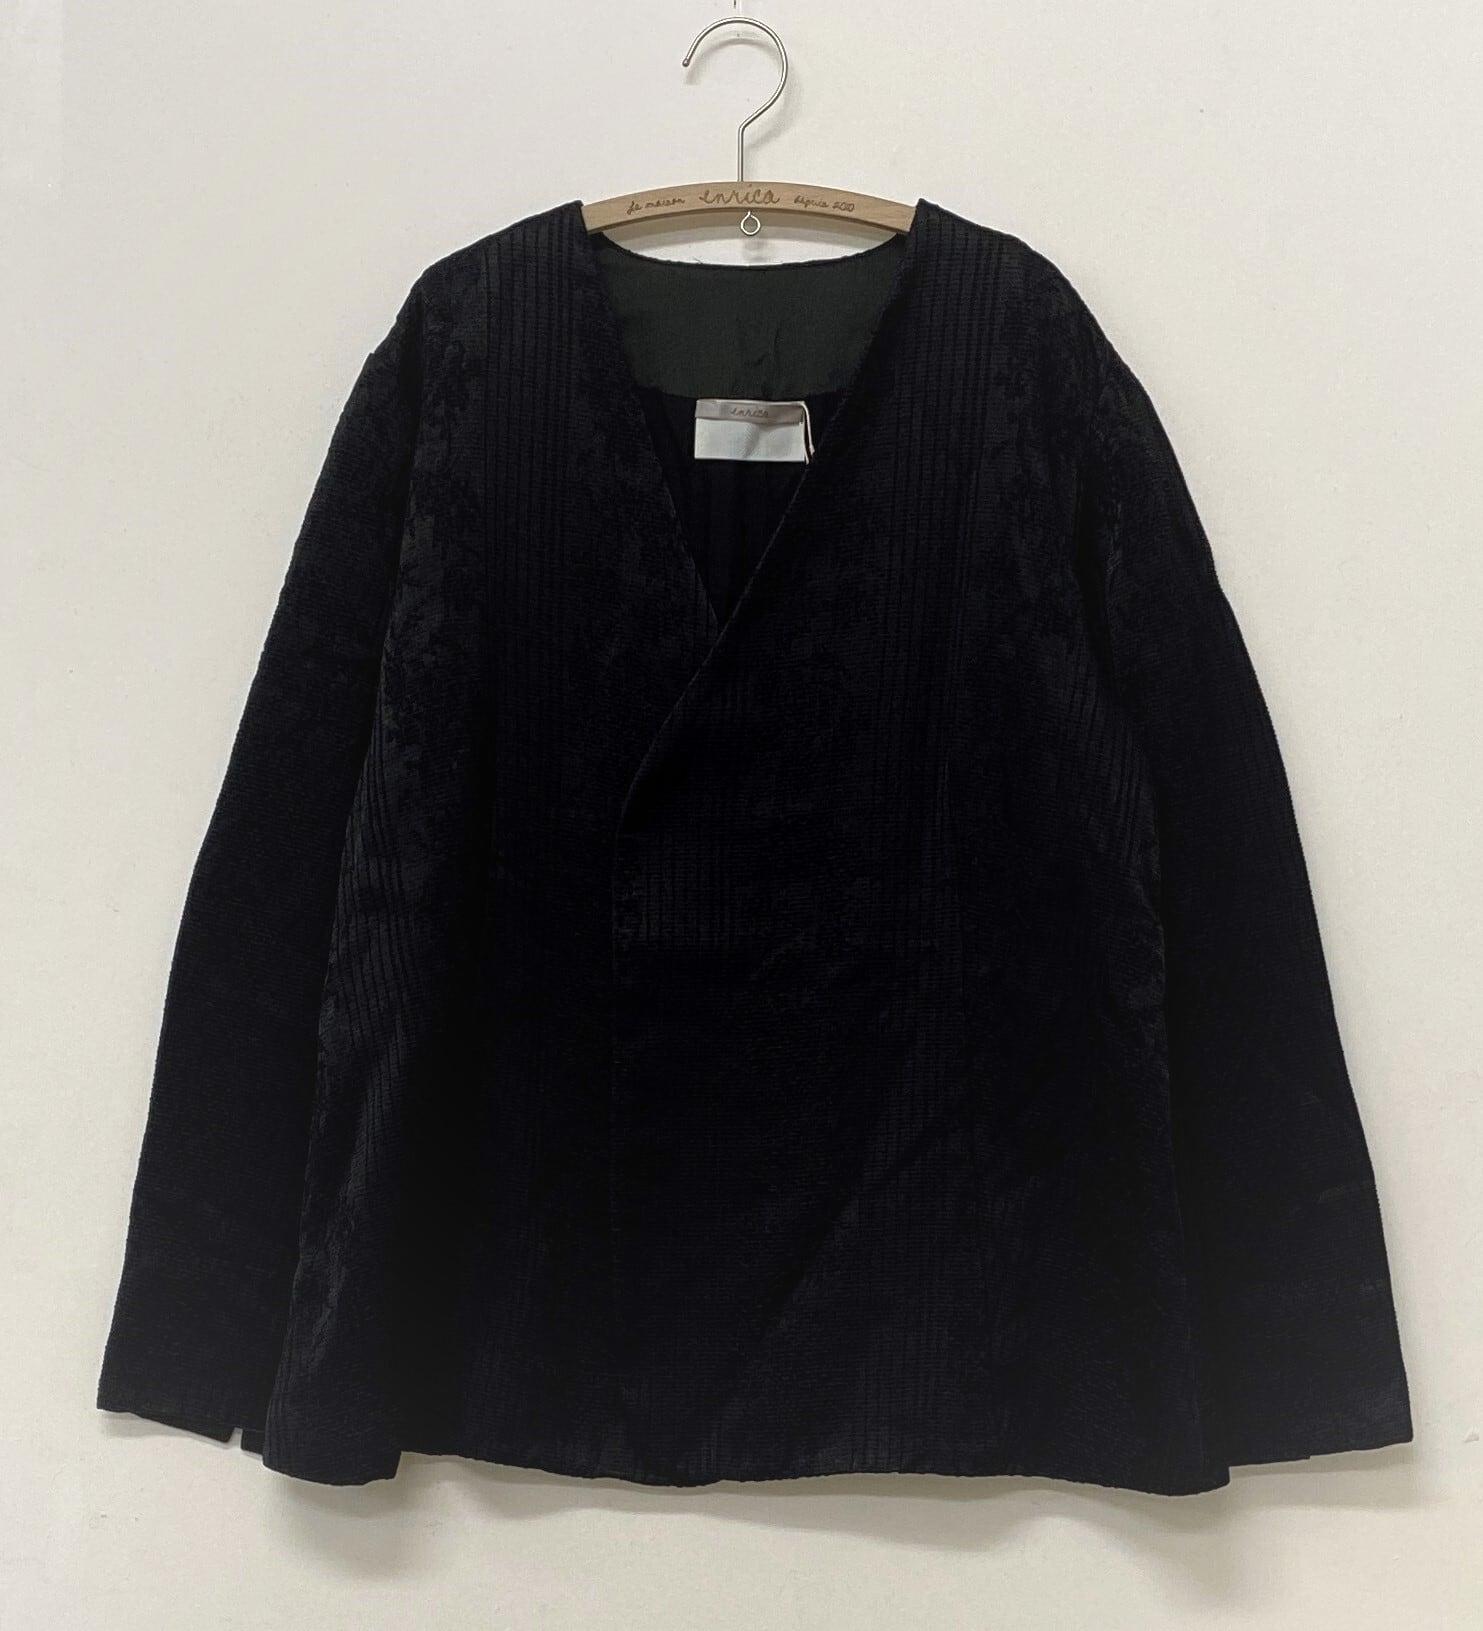 コットンキュプラ素材のジャガード織ジャケット LOGWOOD-BLACK(ログウッド染め)